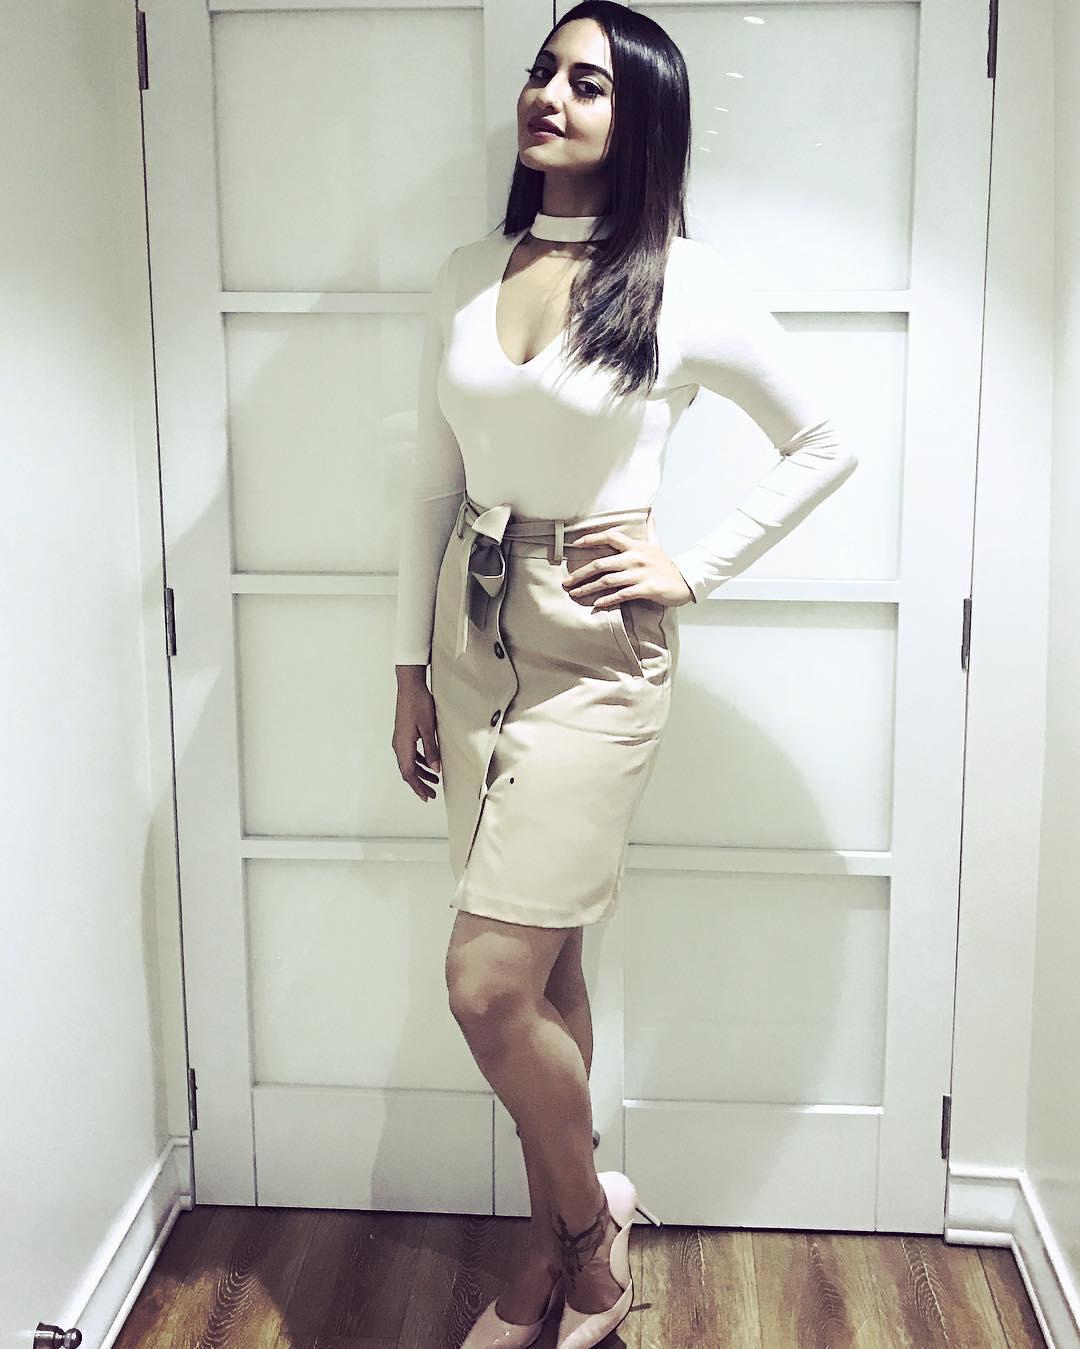 sonakshi sinha instagram